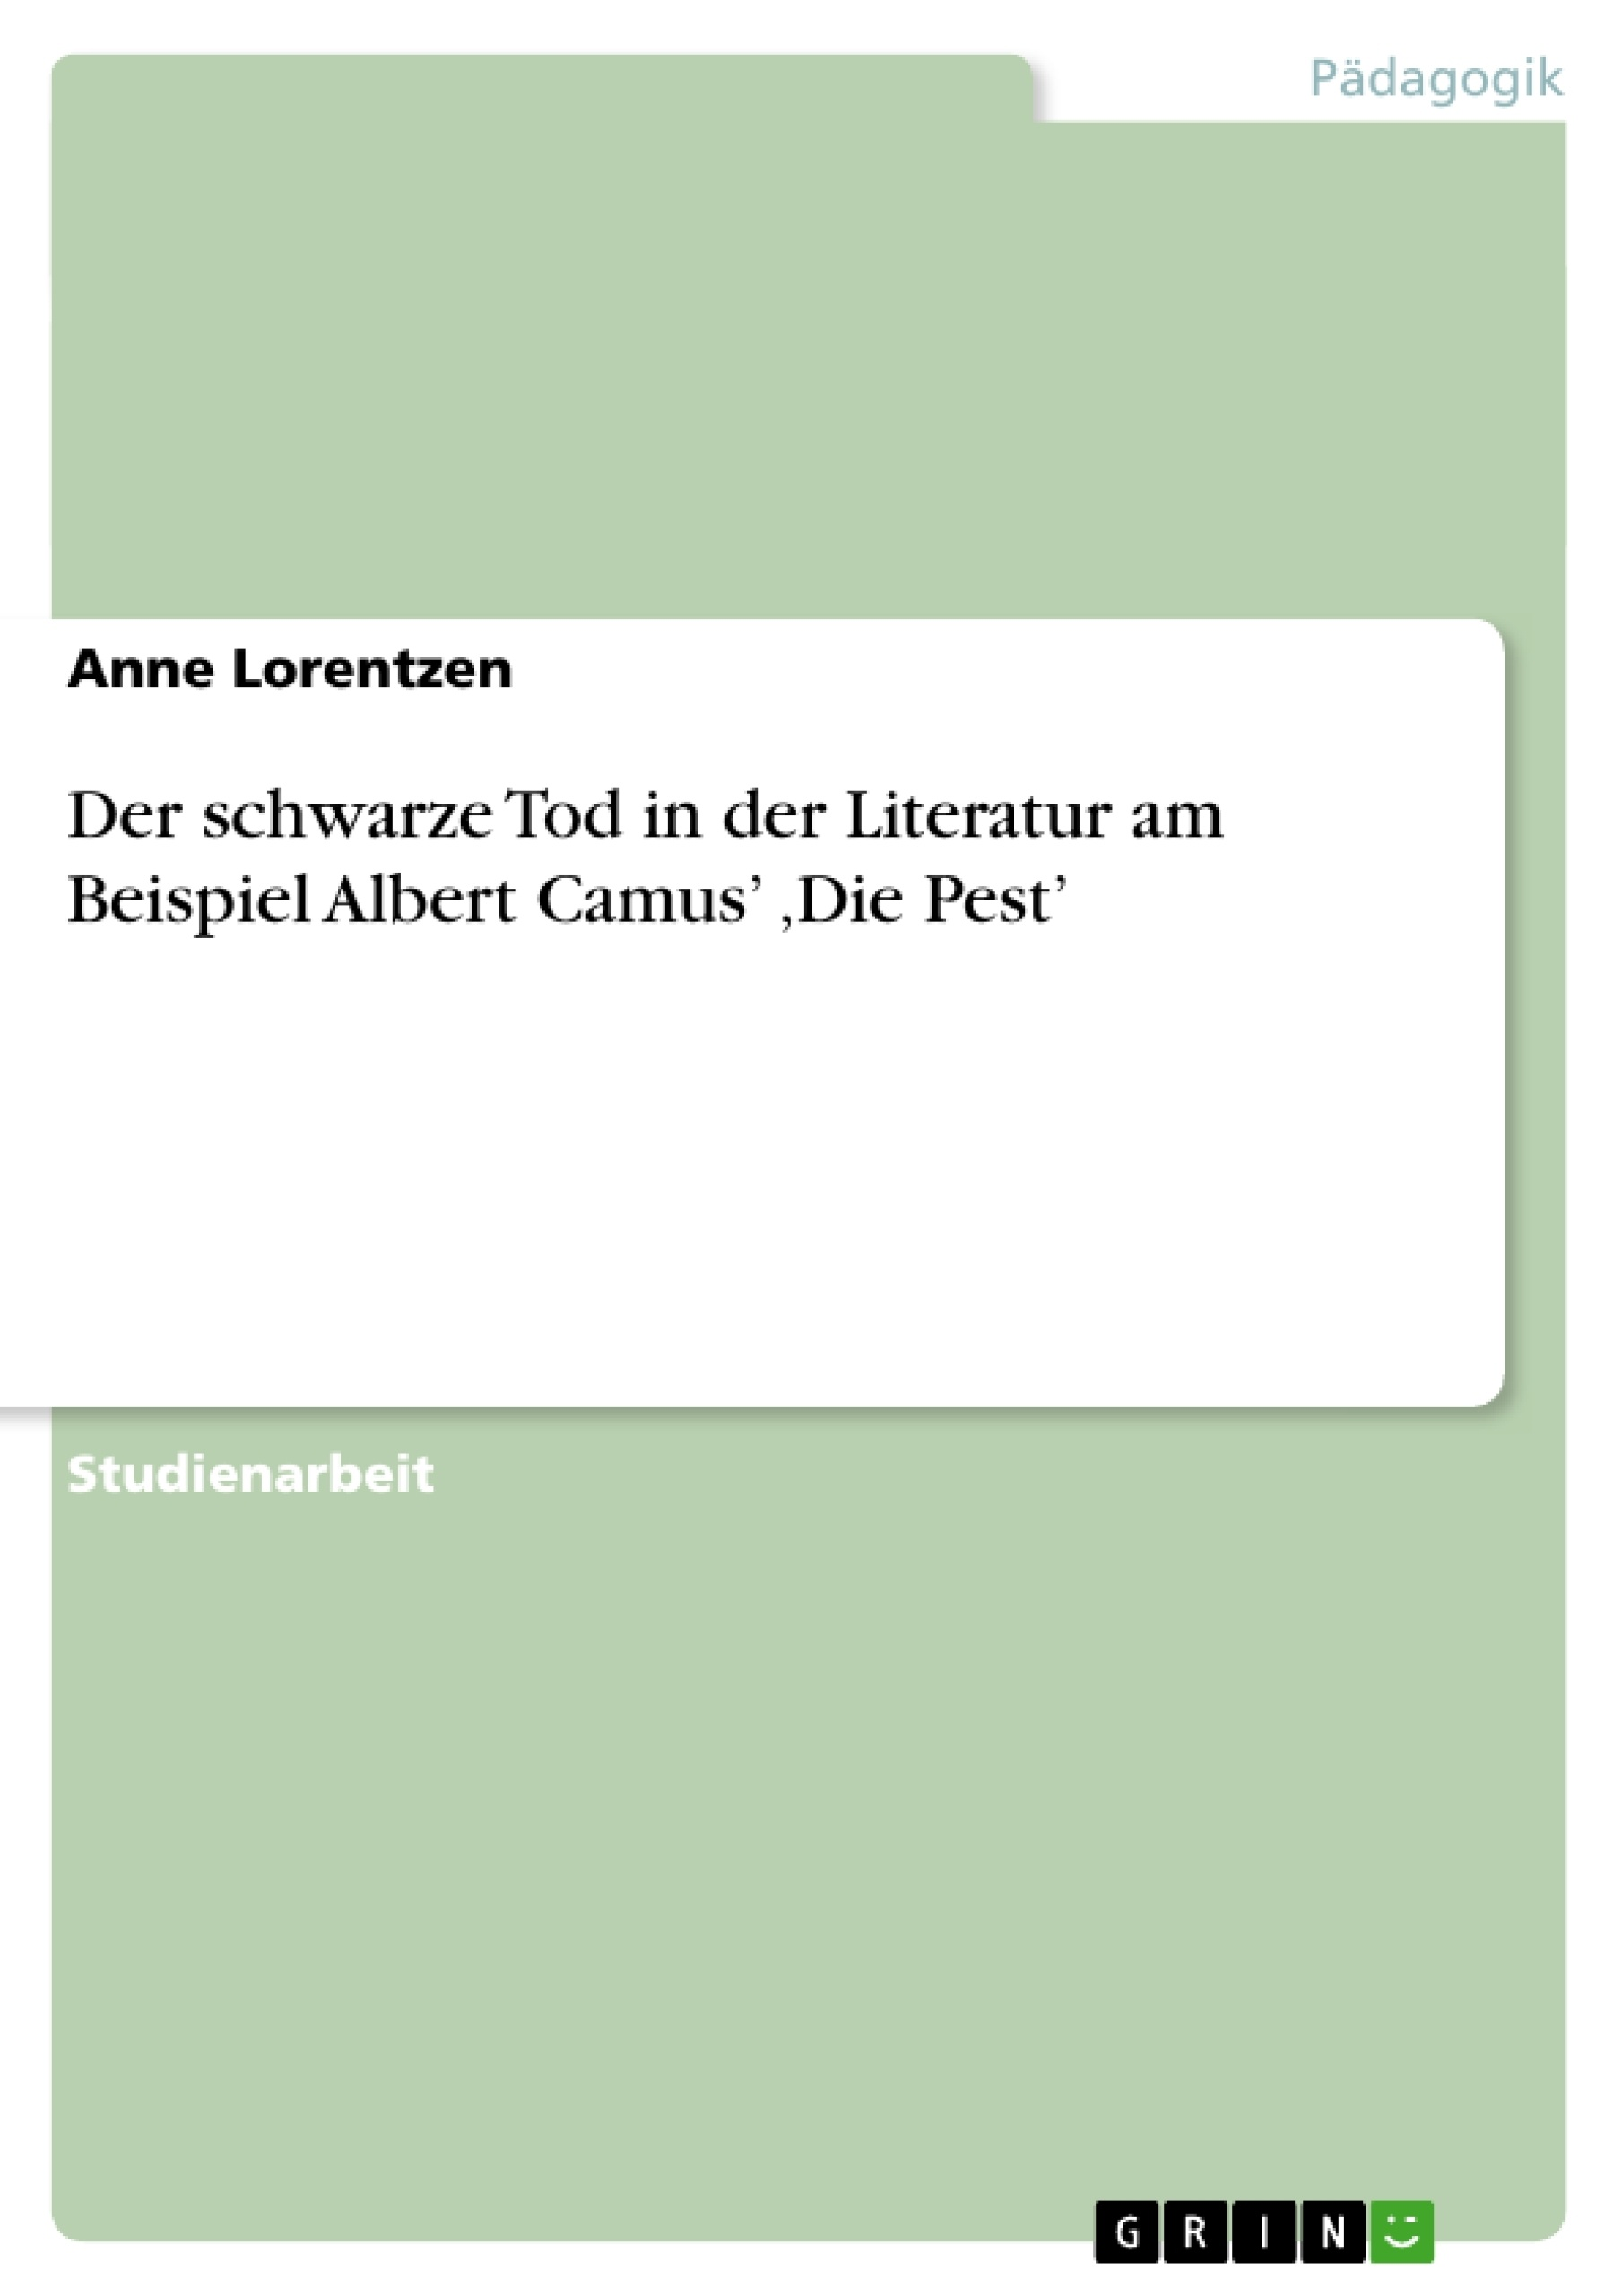 Titel: Der schwarze Tod in der Literatur am Beispiel Albert Camus' 'Die Pest'